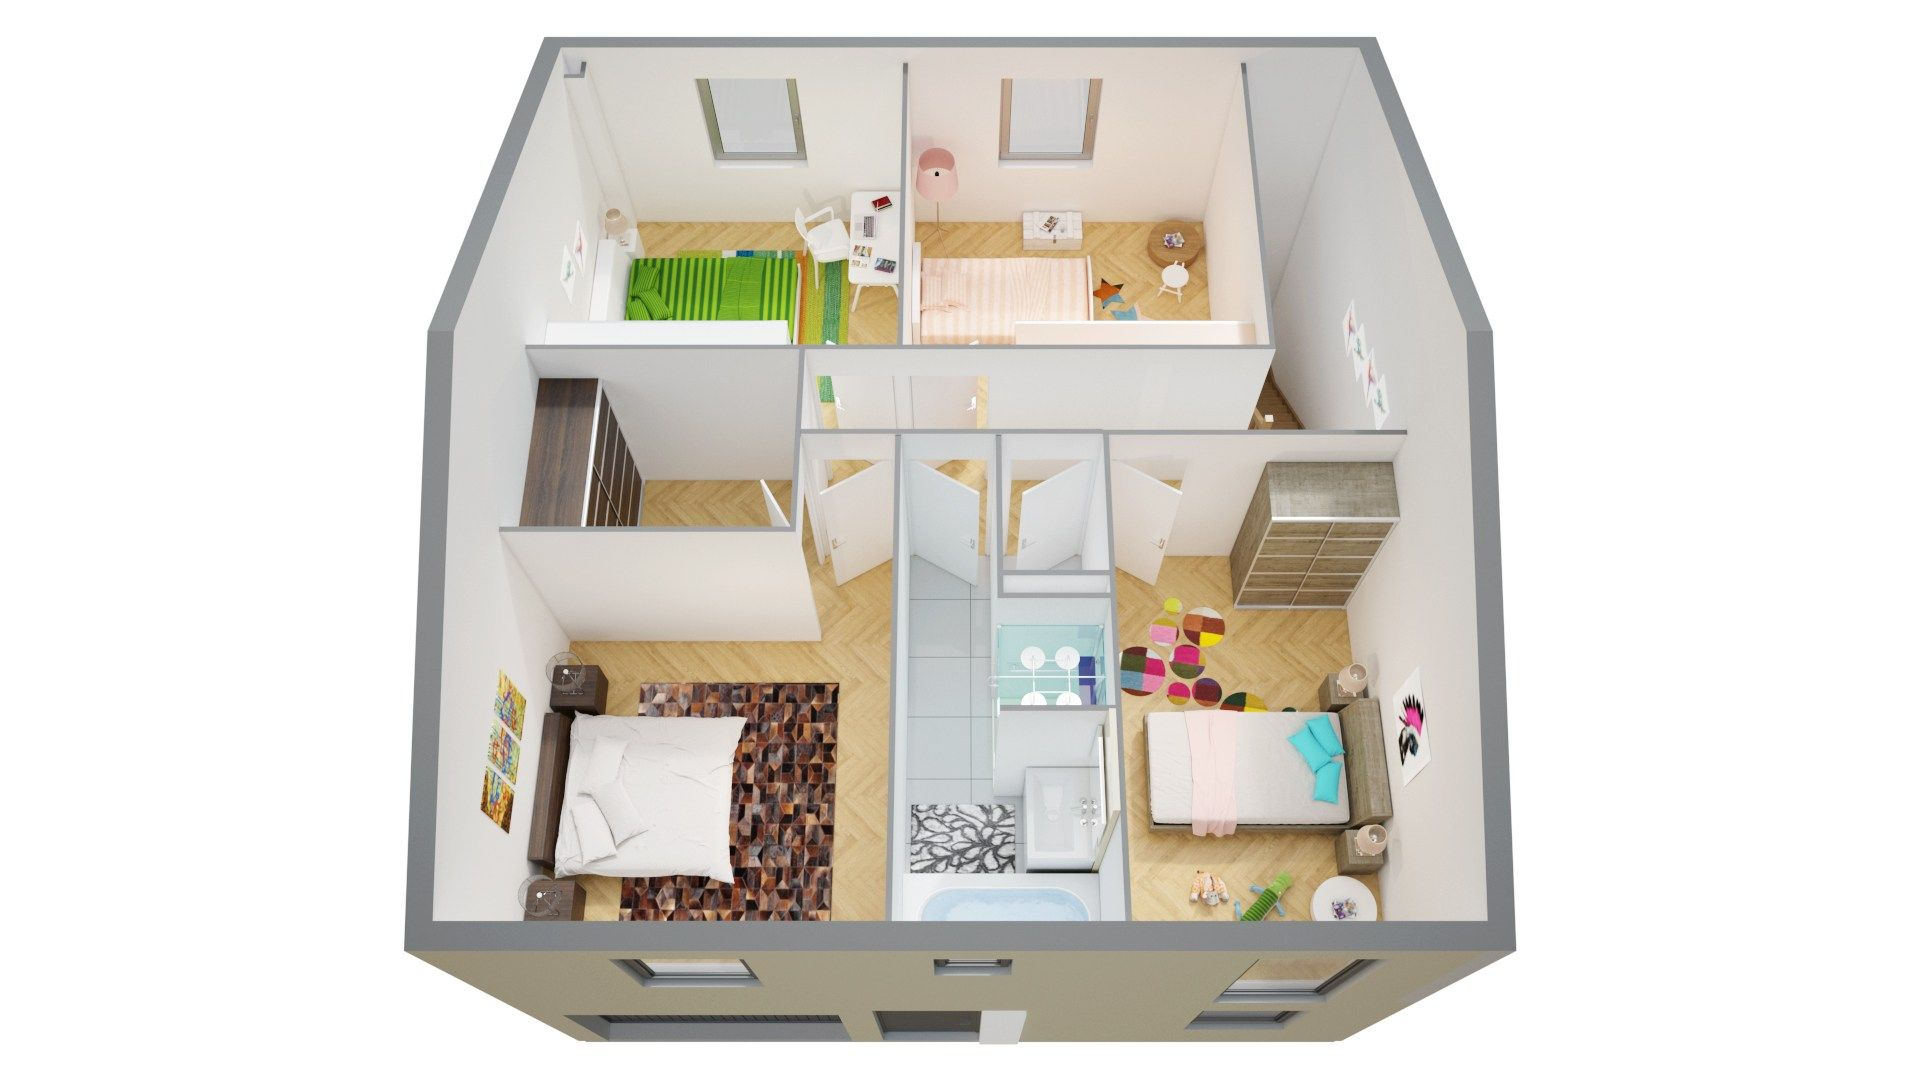 34 Plan Maison Phenix Plain Pied 3 Chambres Plan De La Maison Maison Phenix Plan Maison Interieur Maison